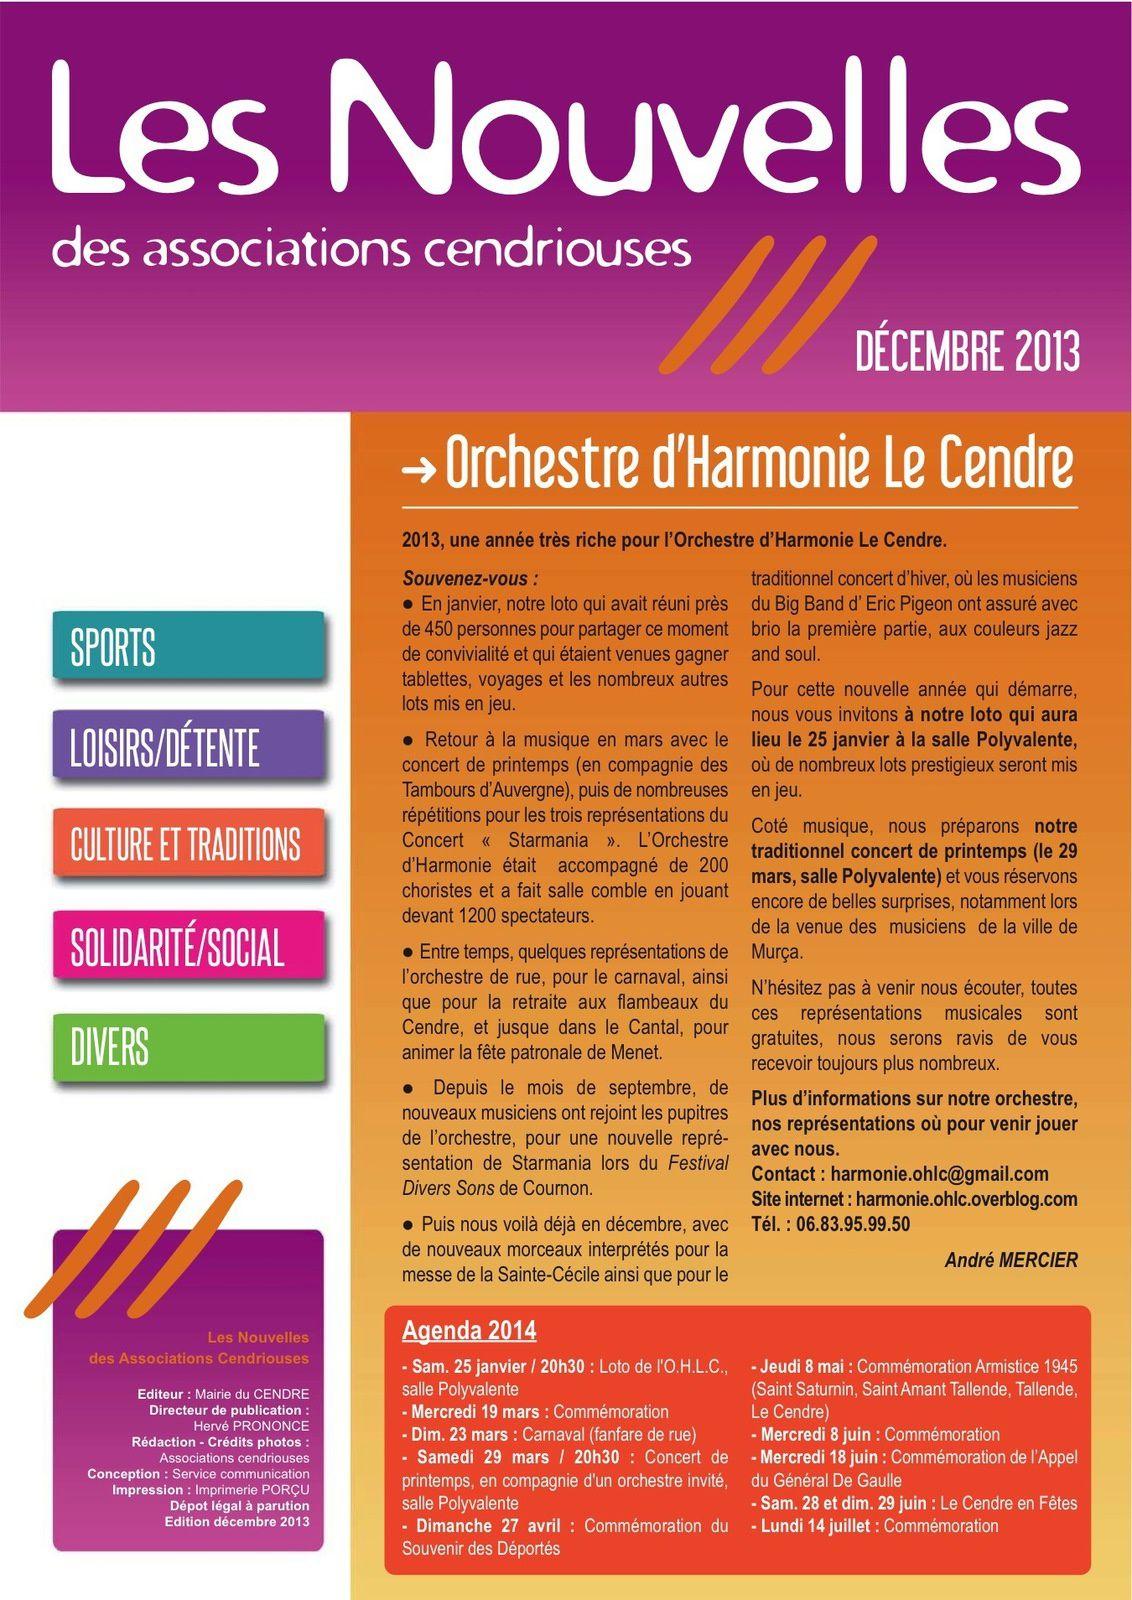 Les Nouvelles des Associations Cendriouses - Décembre 2013